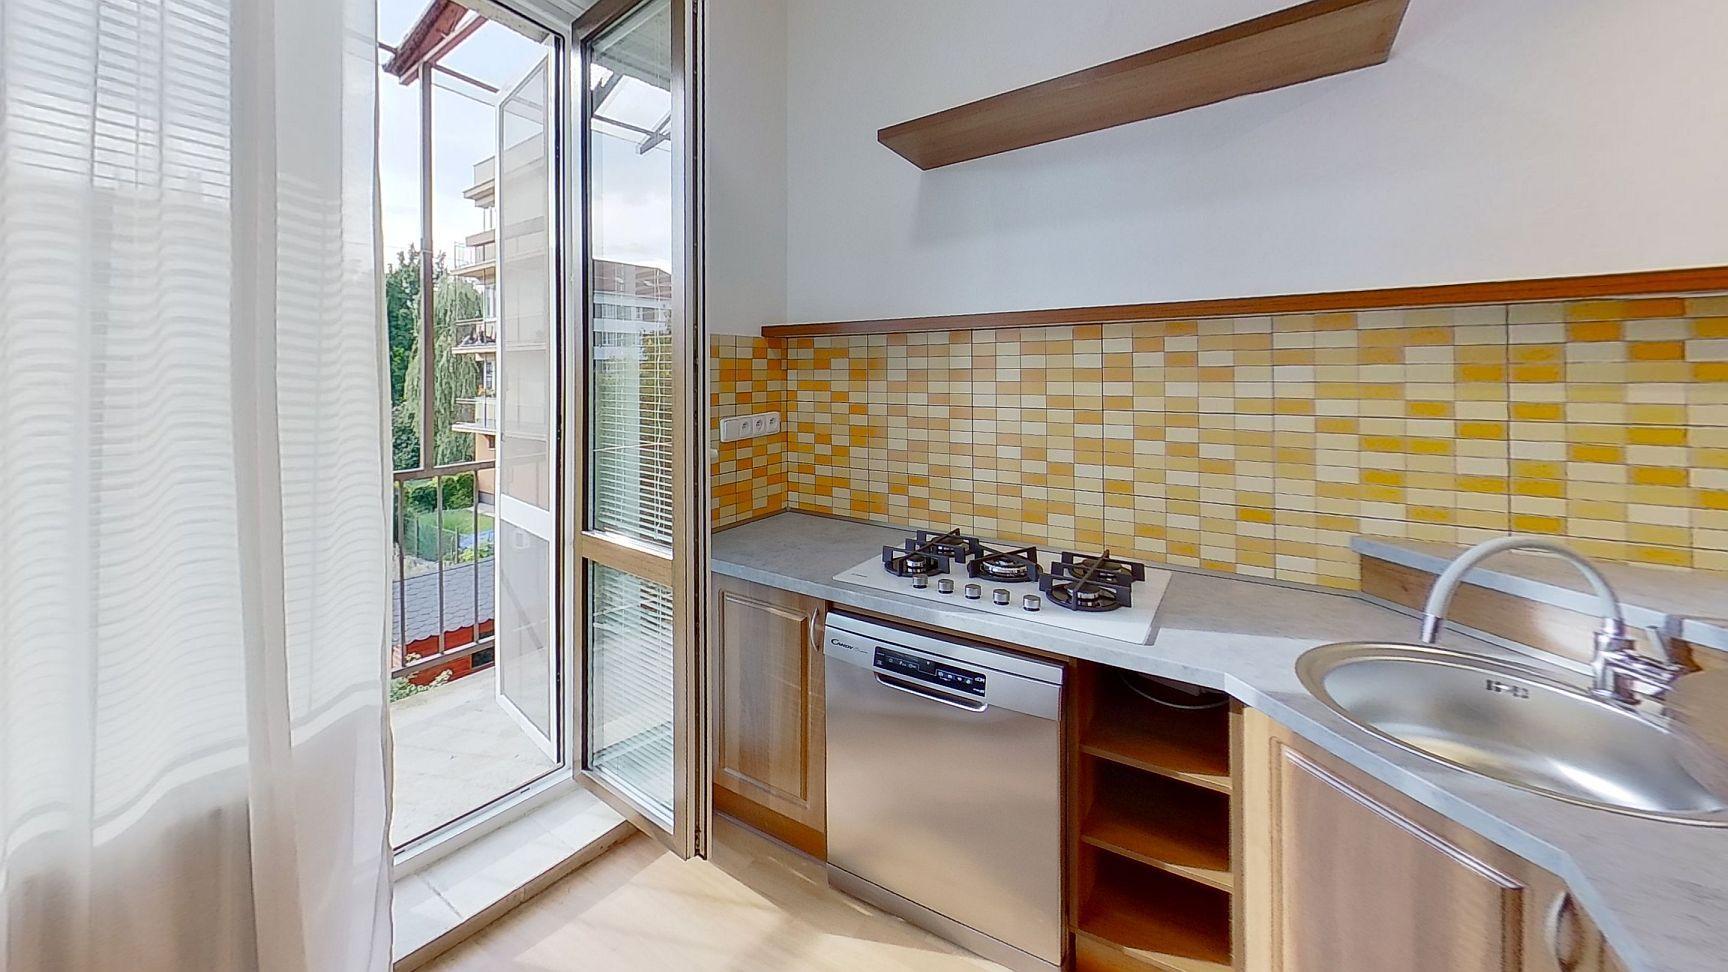 Pronájem bytu 2+1 s možností užívání zahrady Pardubice